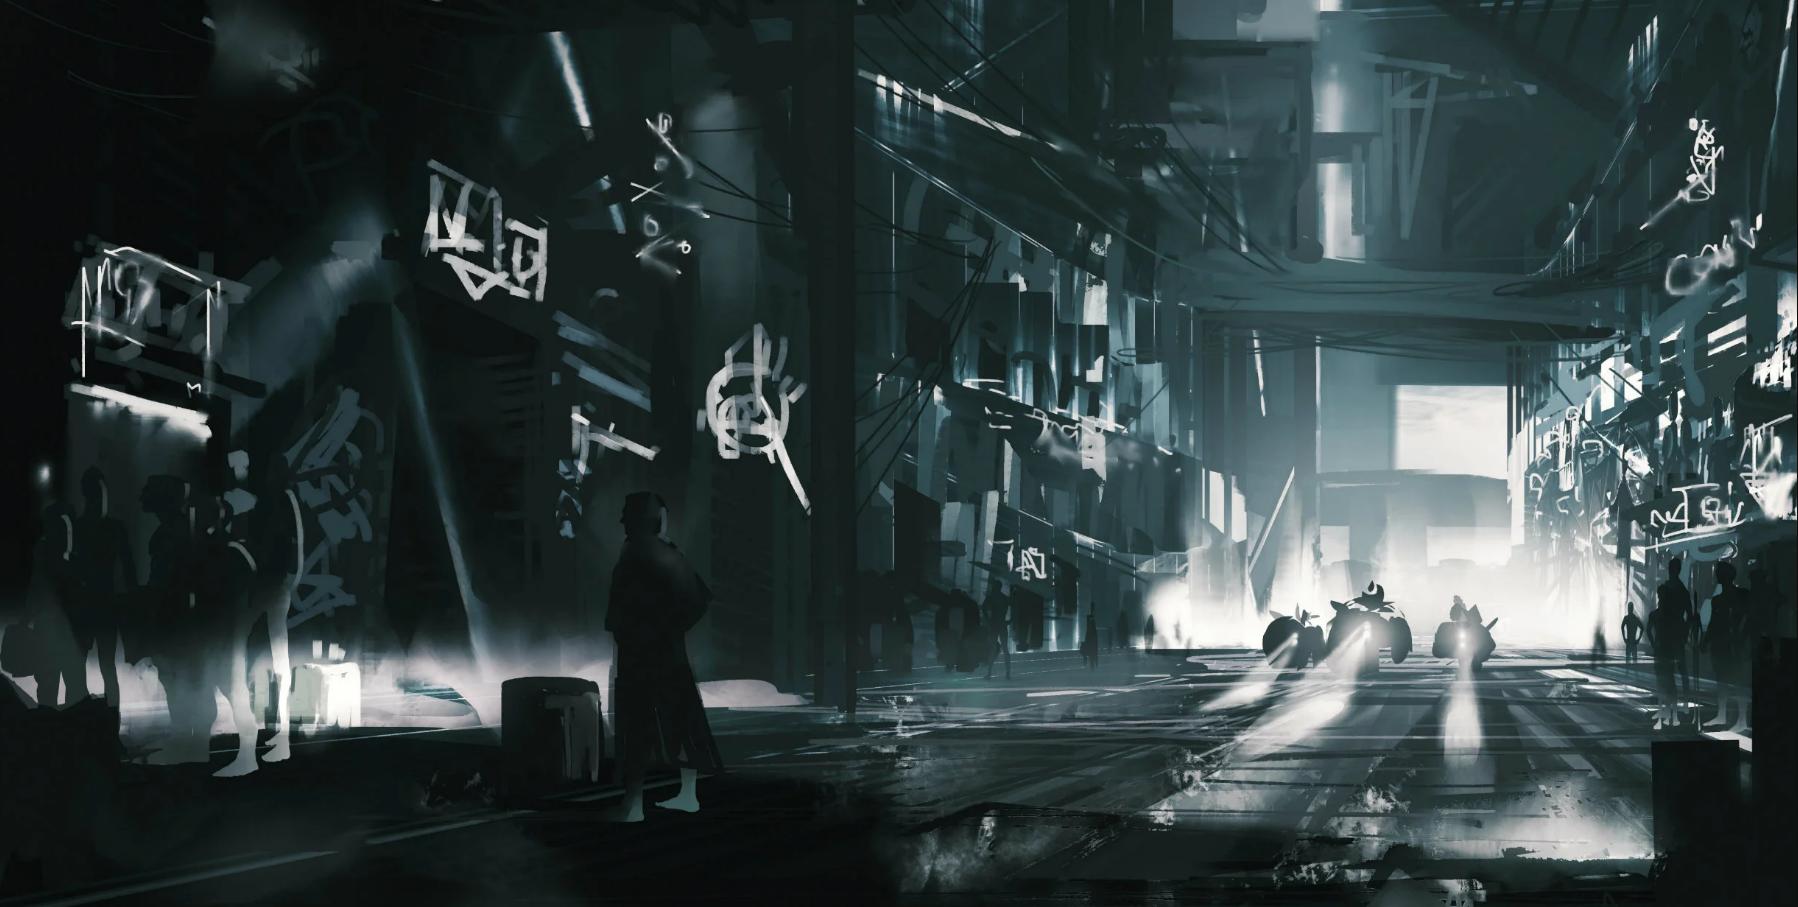 Episode 10 - Judge Dredd: Assault on Justice show art